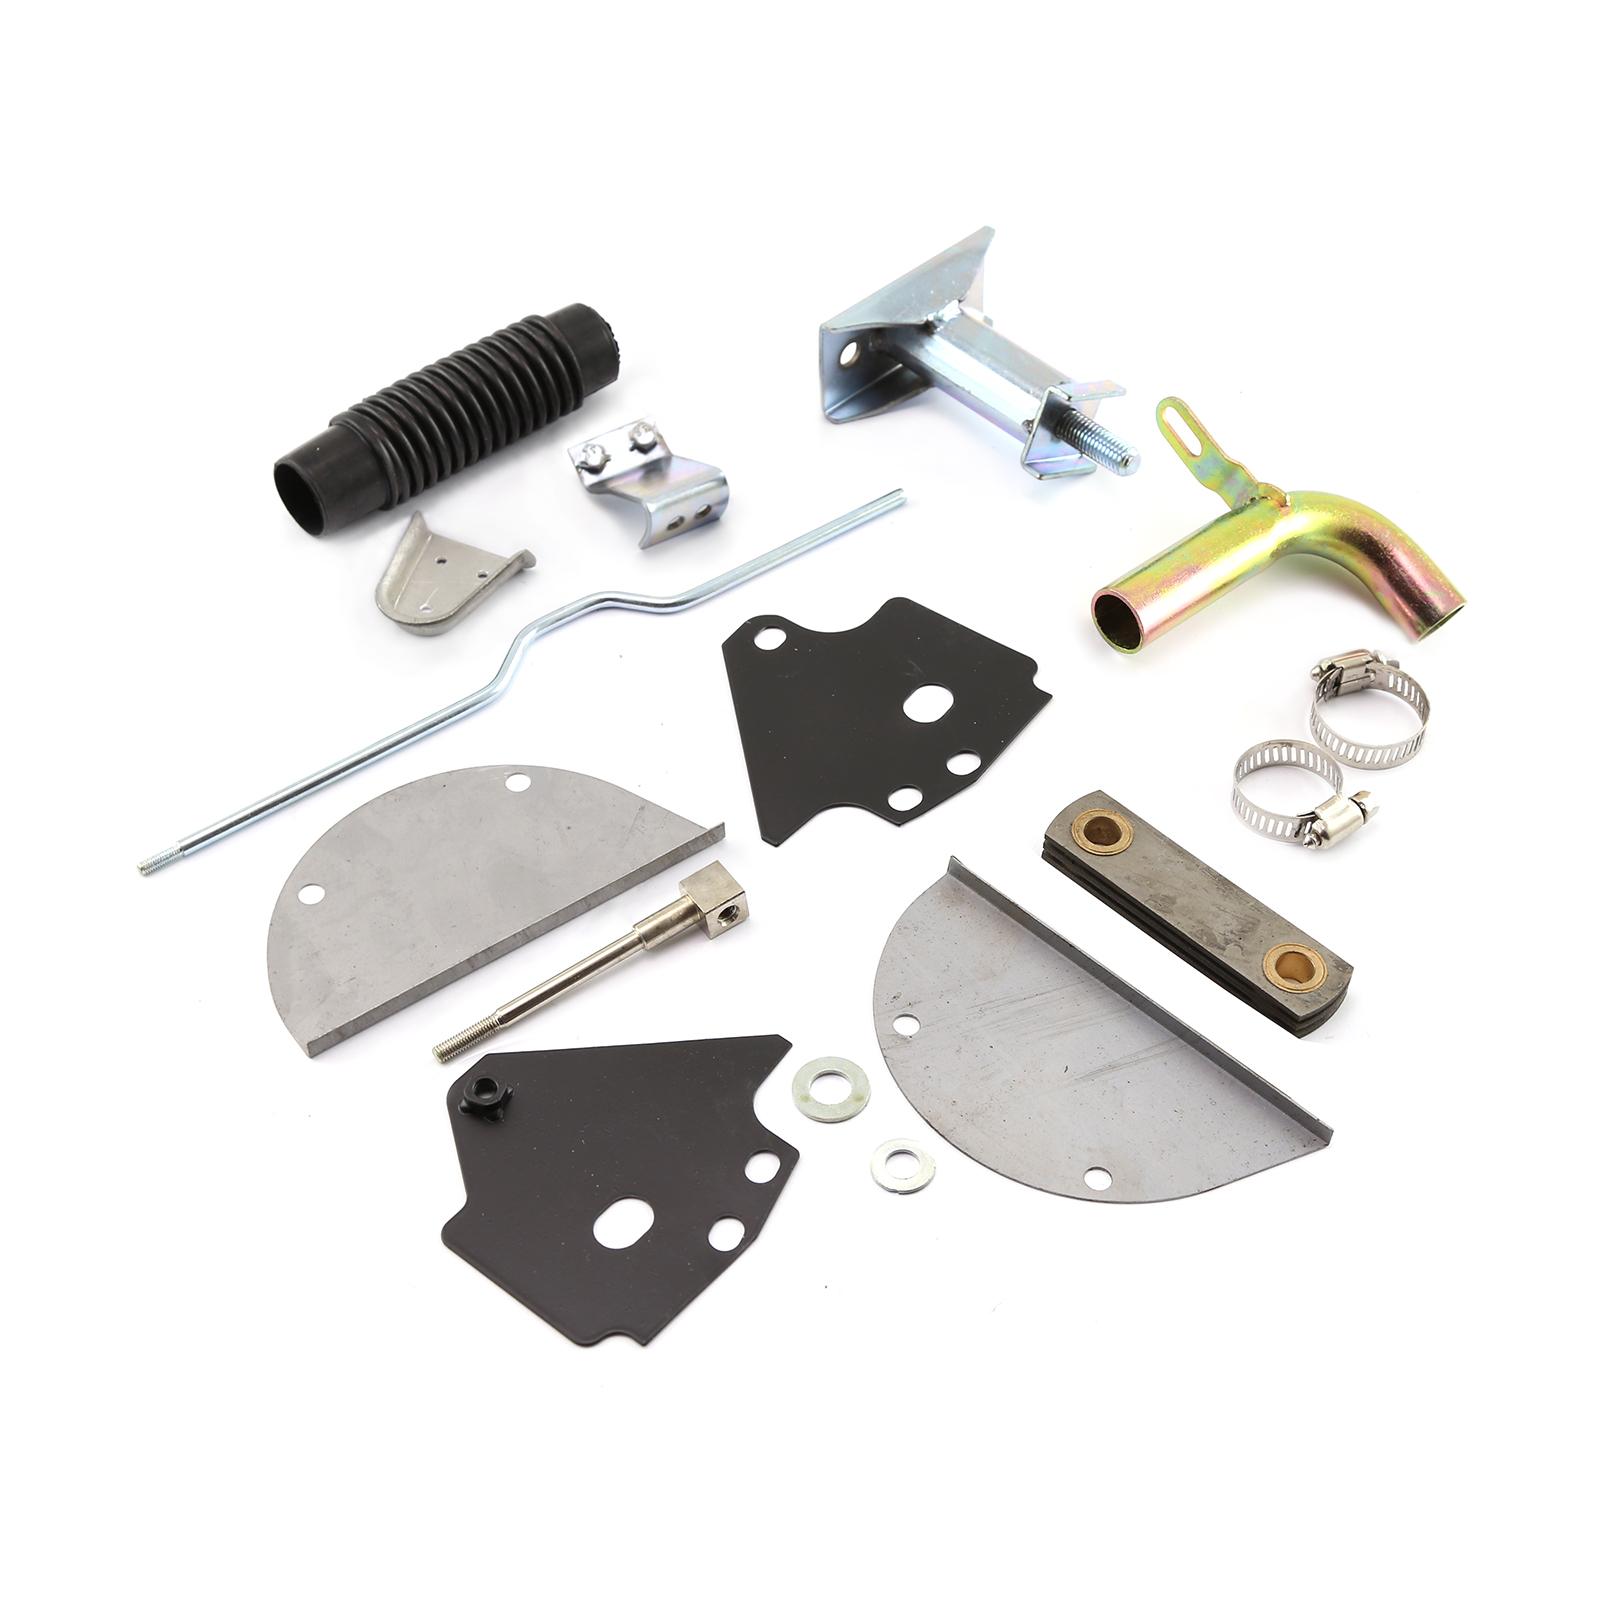 Miscellaneous Porche Parts